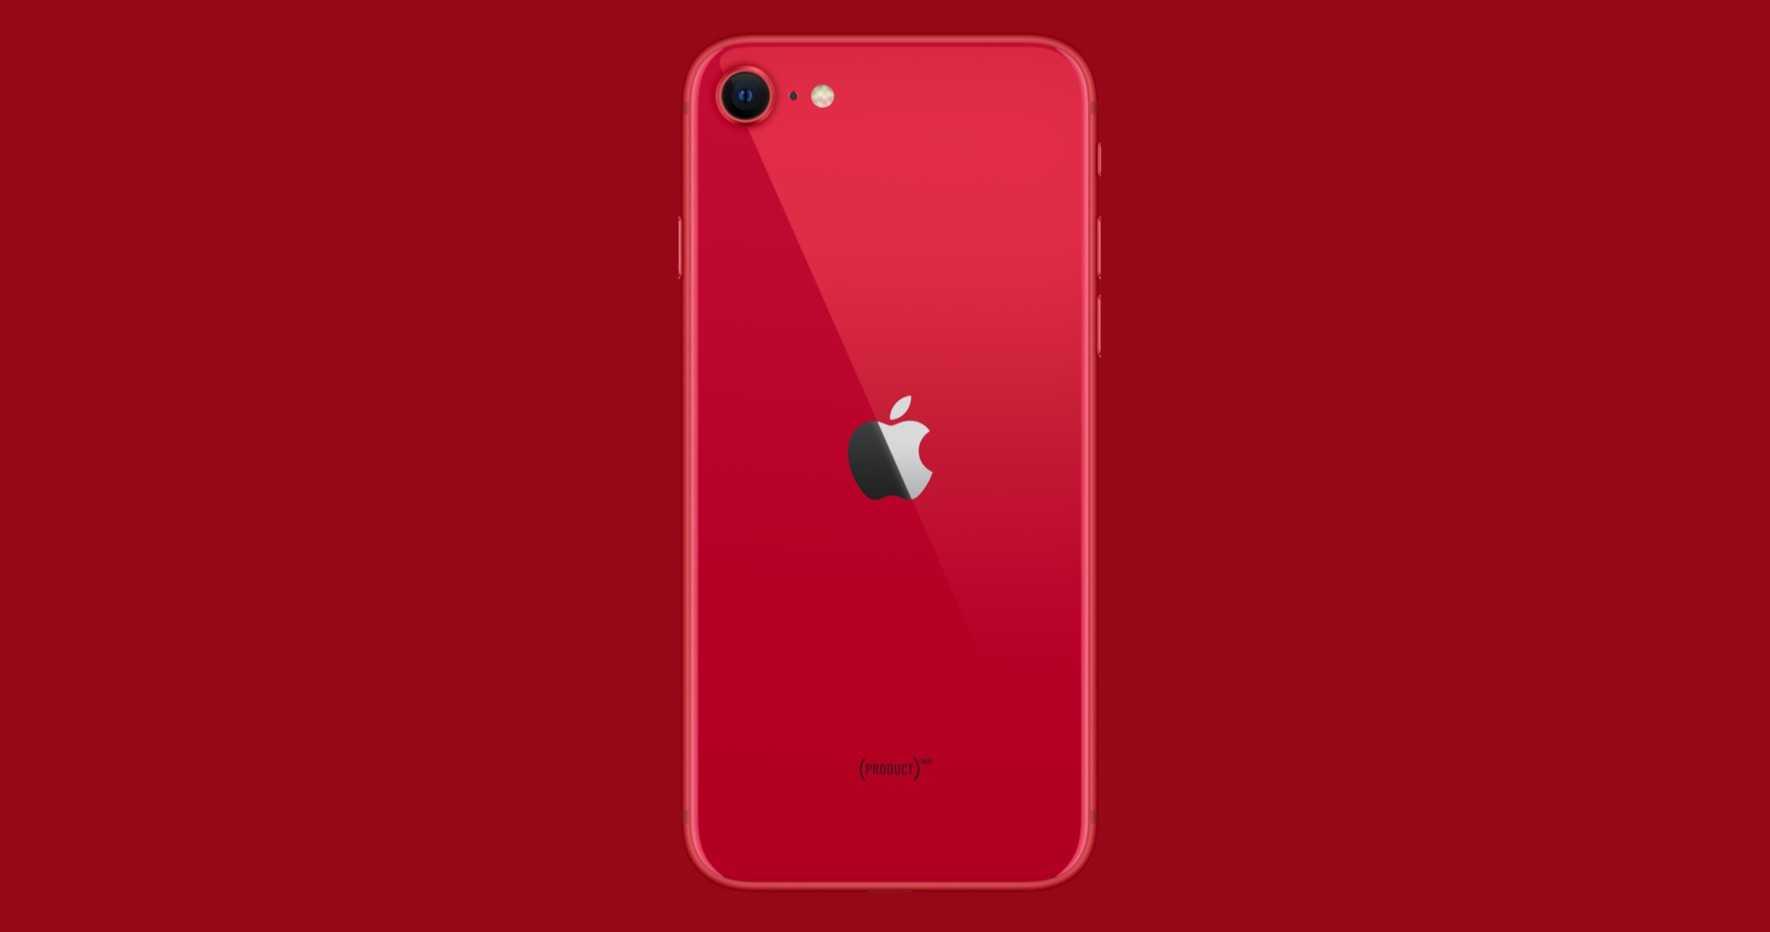 Yeni Apple iPhone SE tanıtıldı! İşte özellikleri ve fiyatı